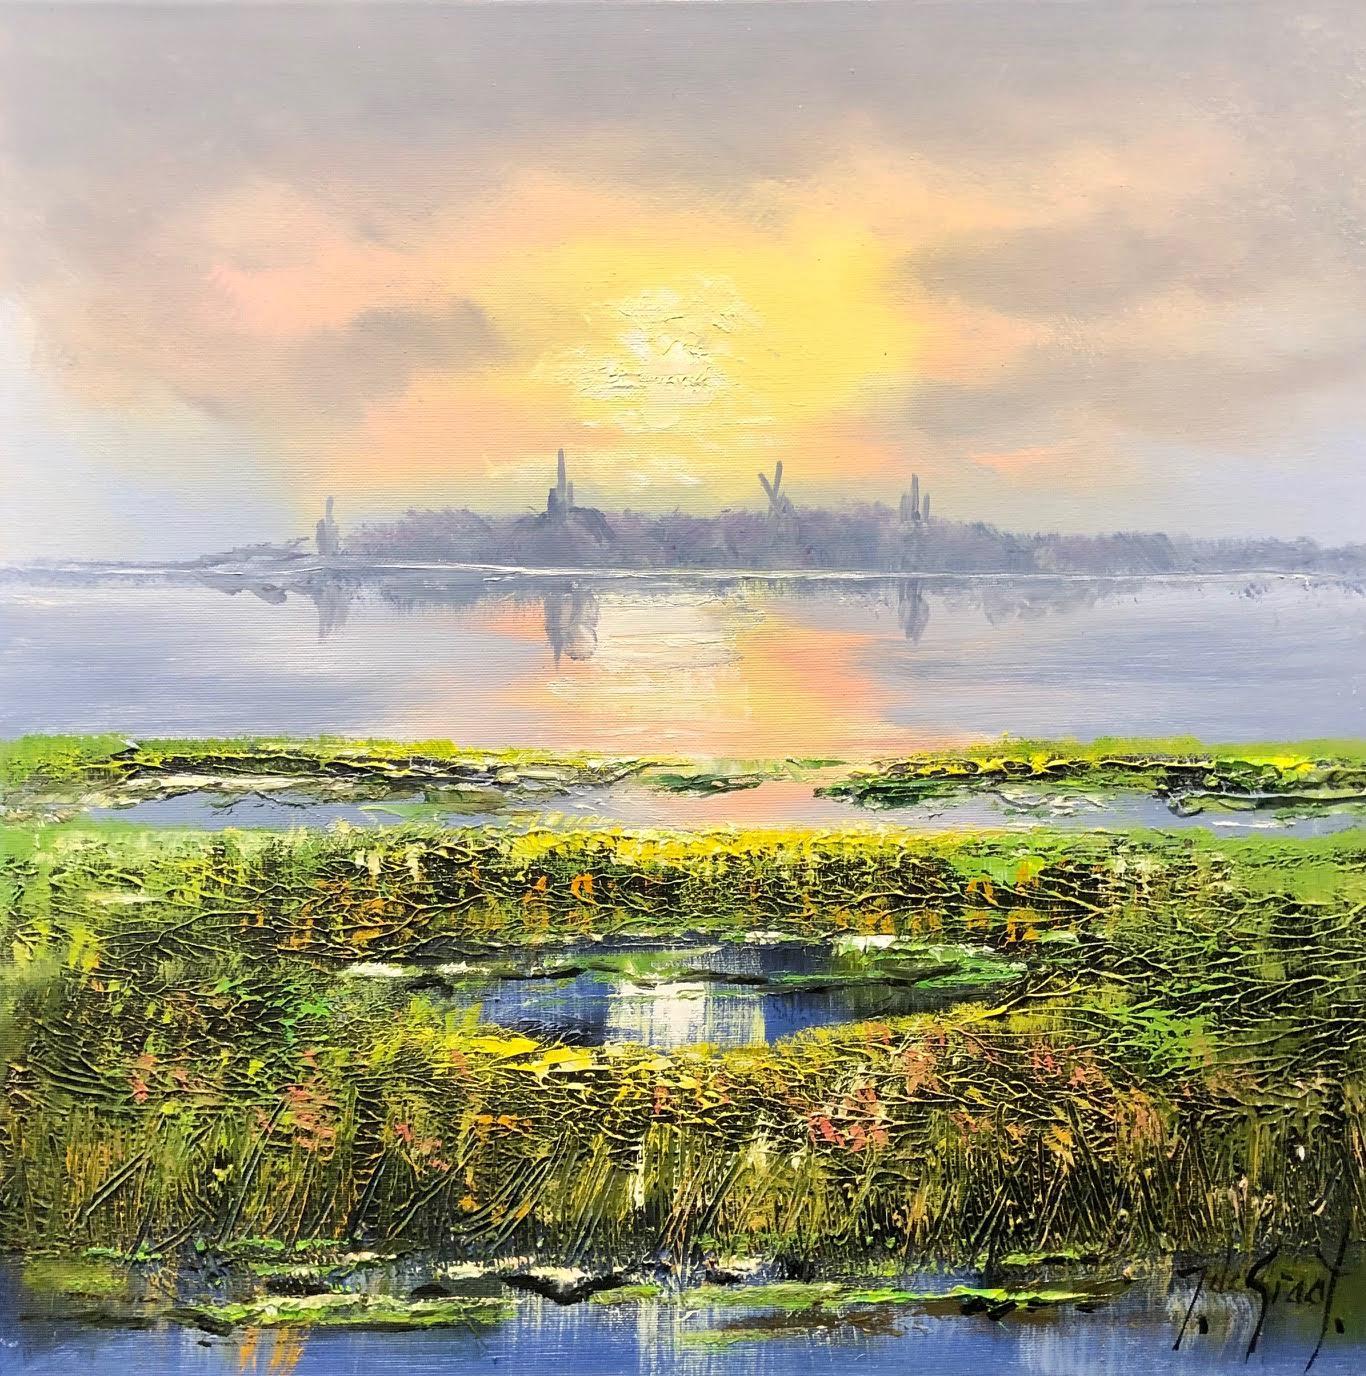 Jochem de Graaf schilderij 'Polderlandschap'